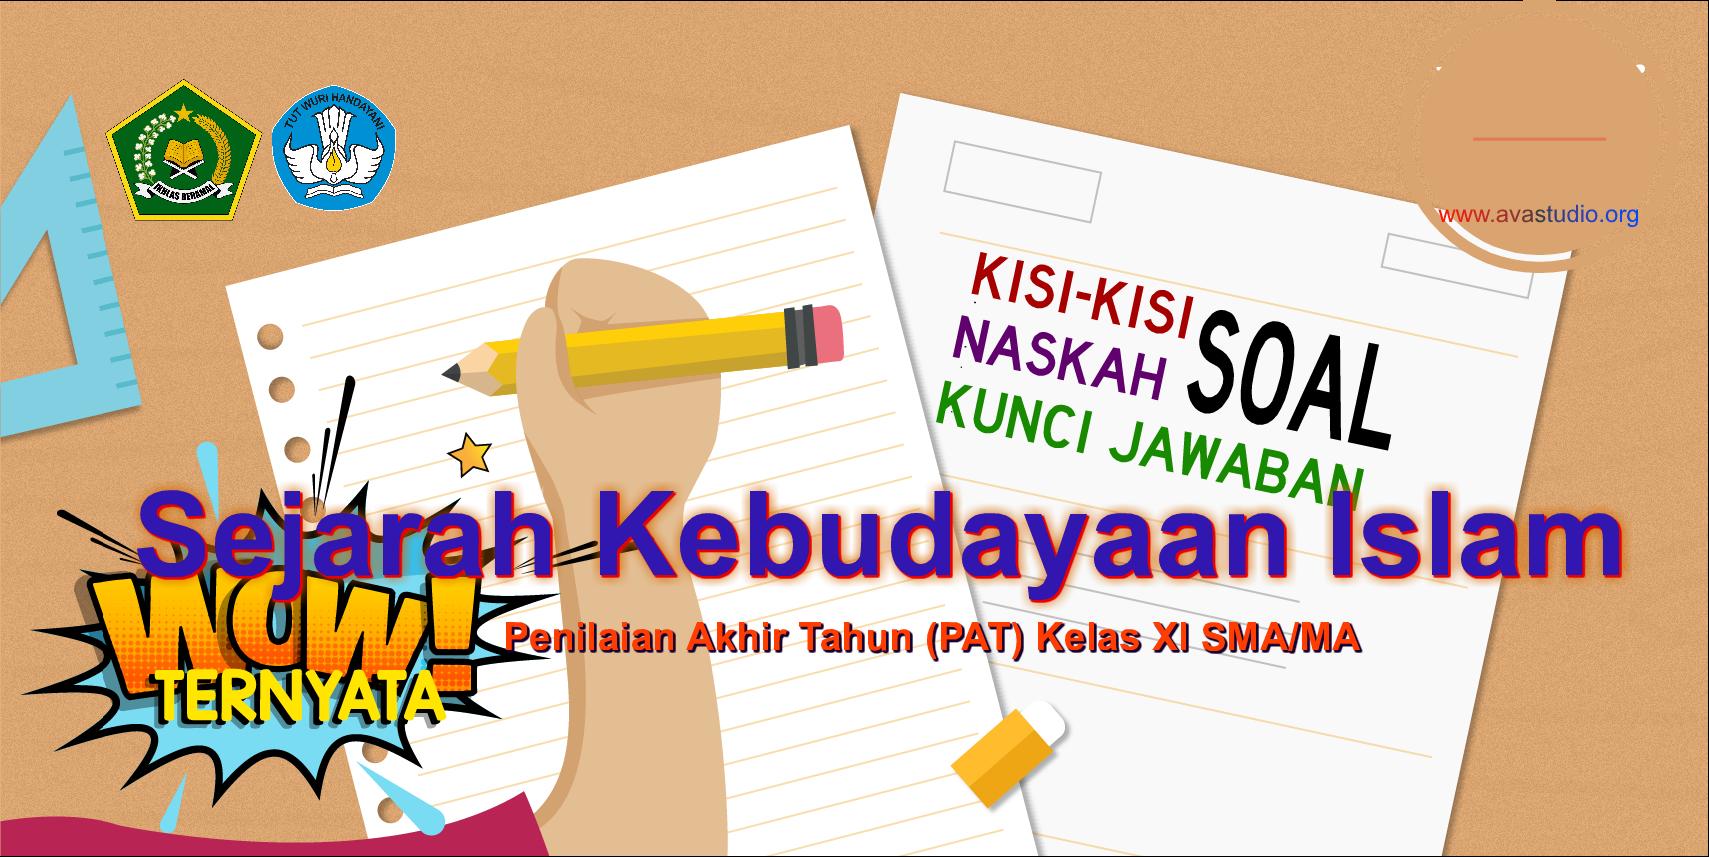 Kisi-Kisi, Naskah Soal dan Kunci PAT Sejarah Kebudayaan Islam (SKI) Kelas XI SMA/MA Kurikulum 2013